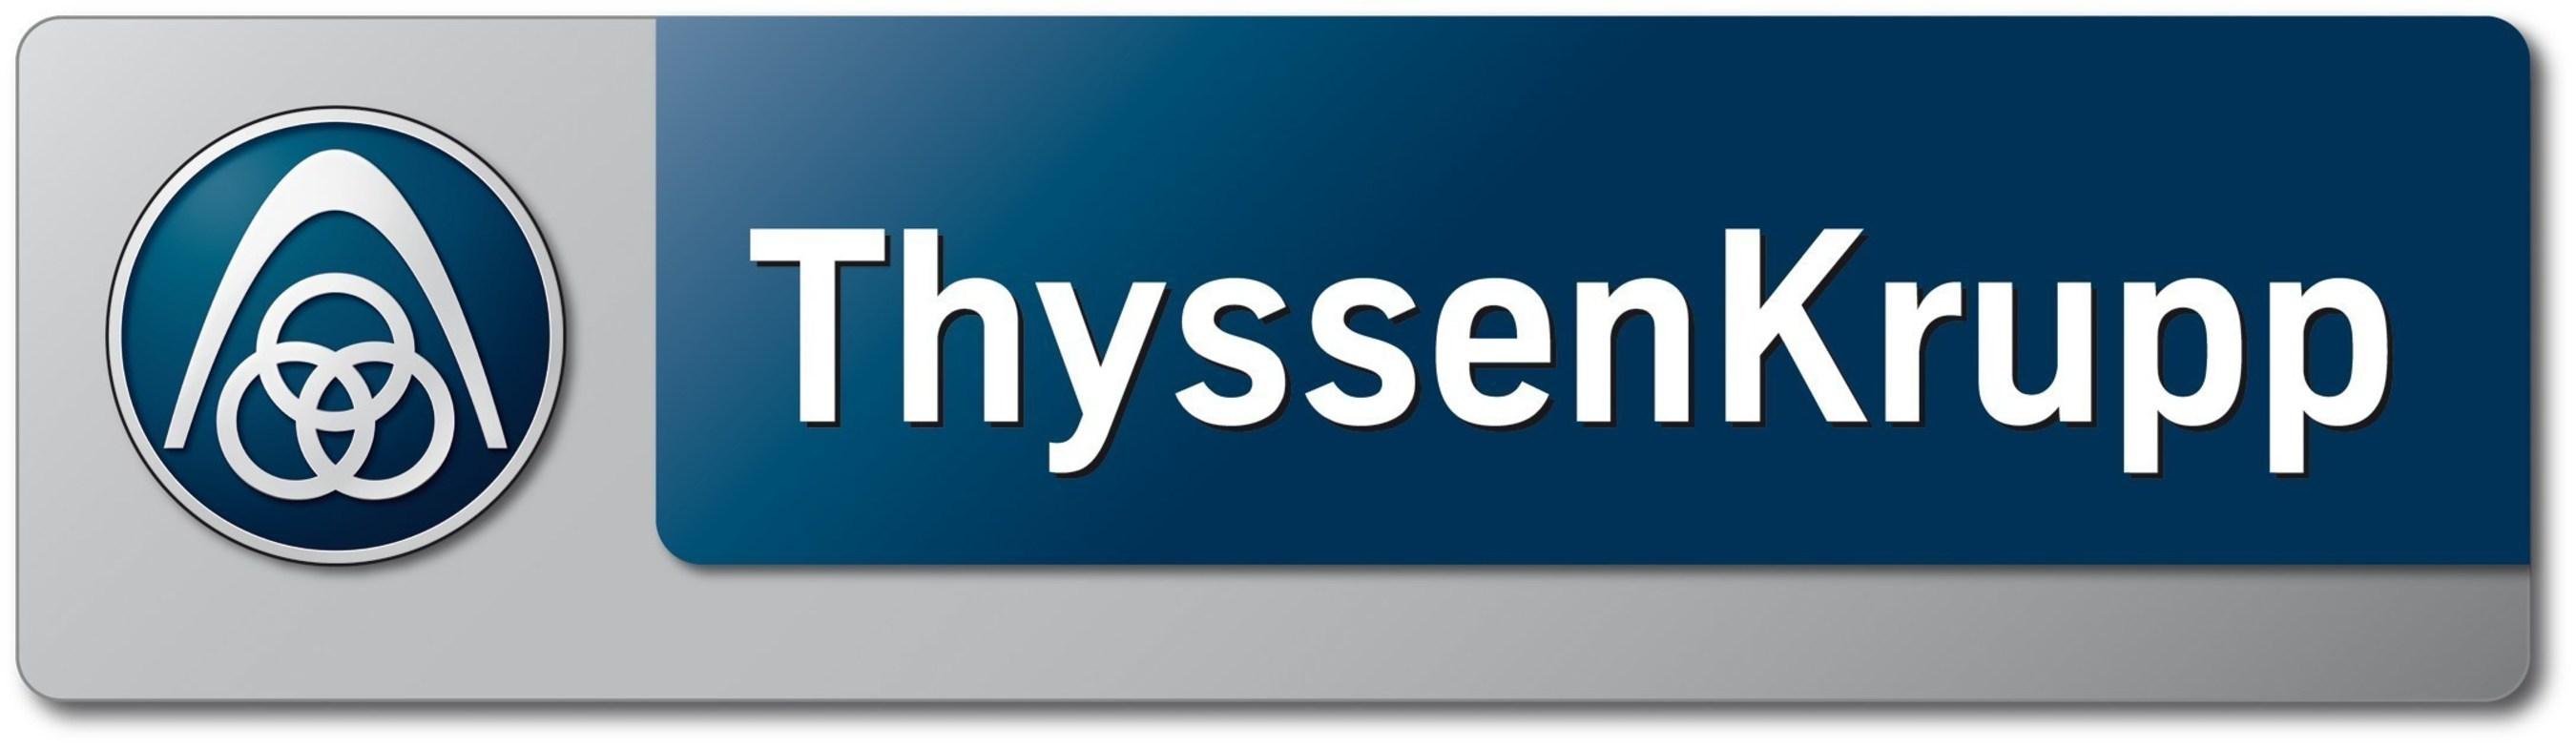 ThyssenKrupp y Maxion Wheels desarrollarán llantas híbridas de fibra de carbono/aluminio